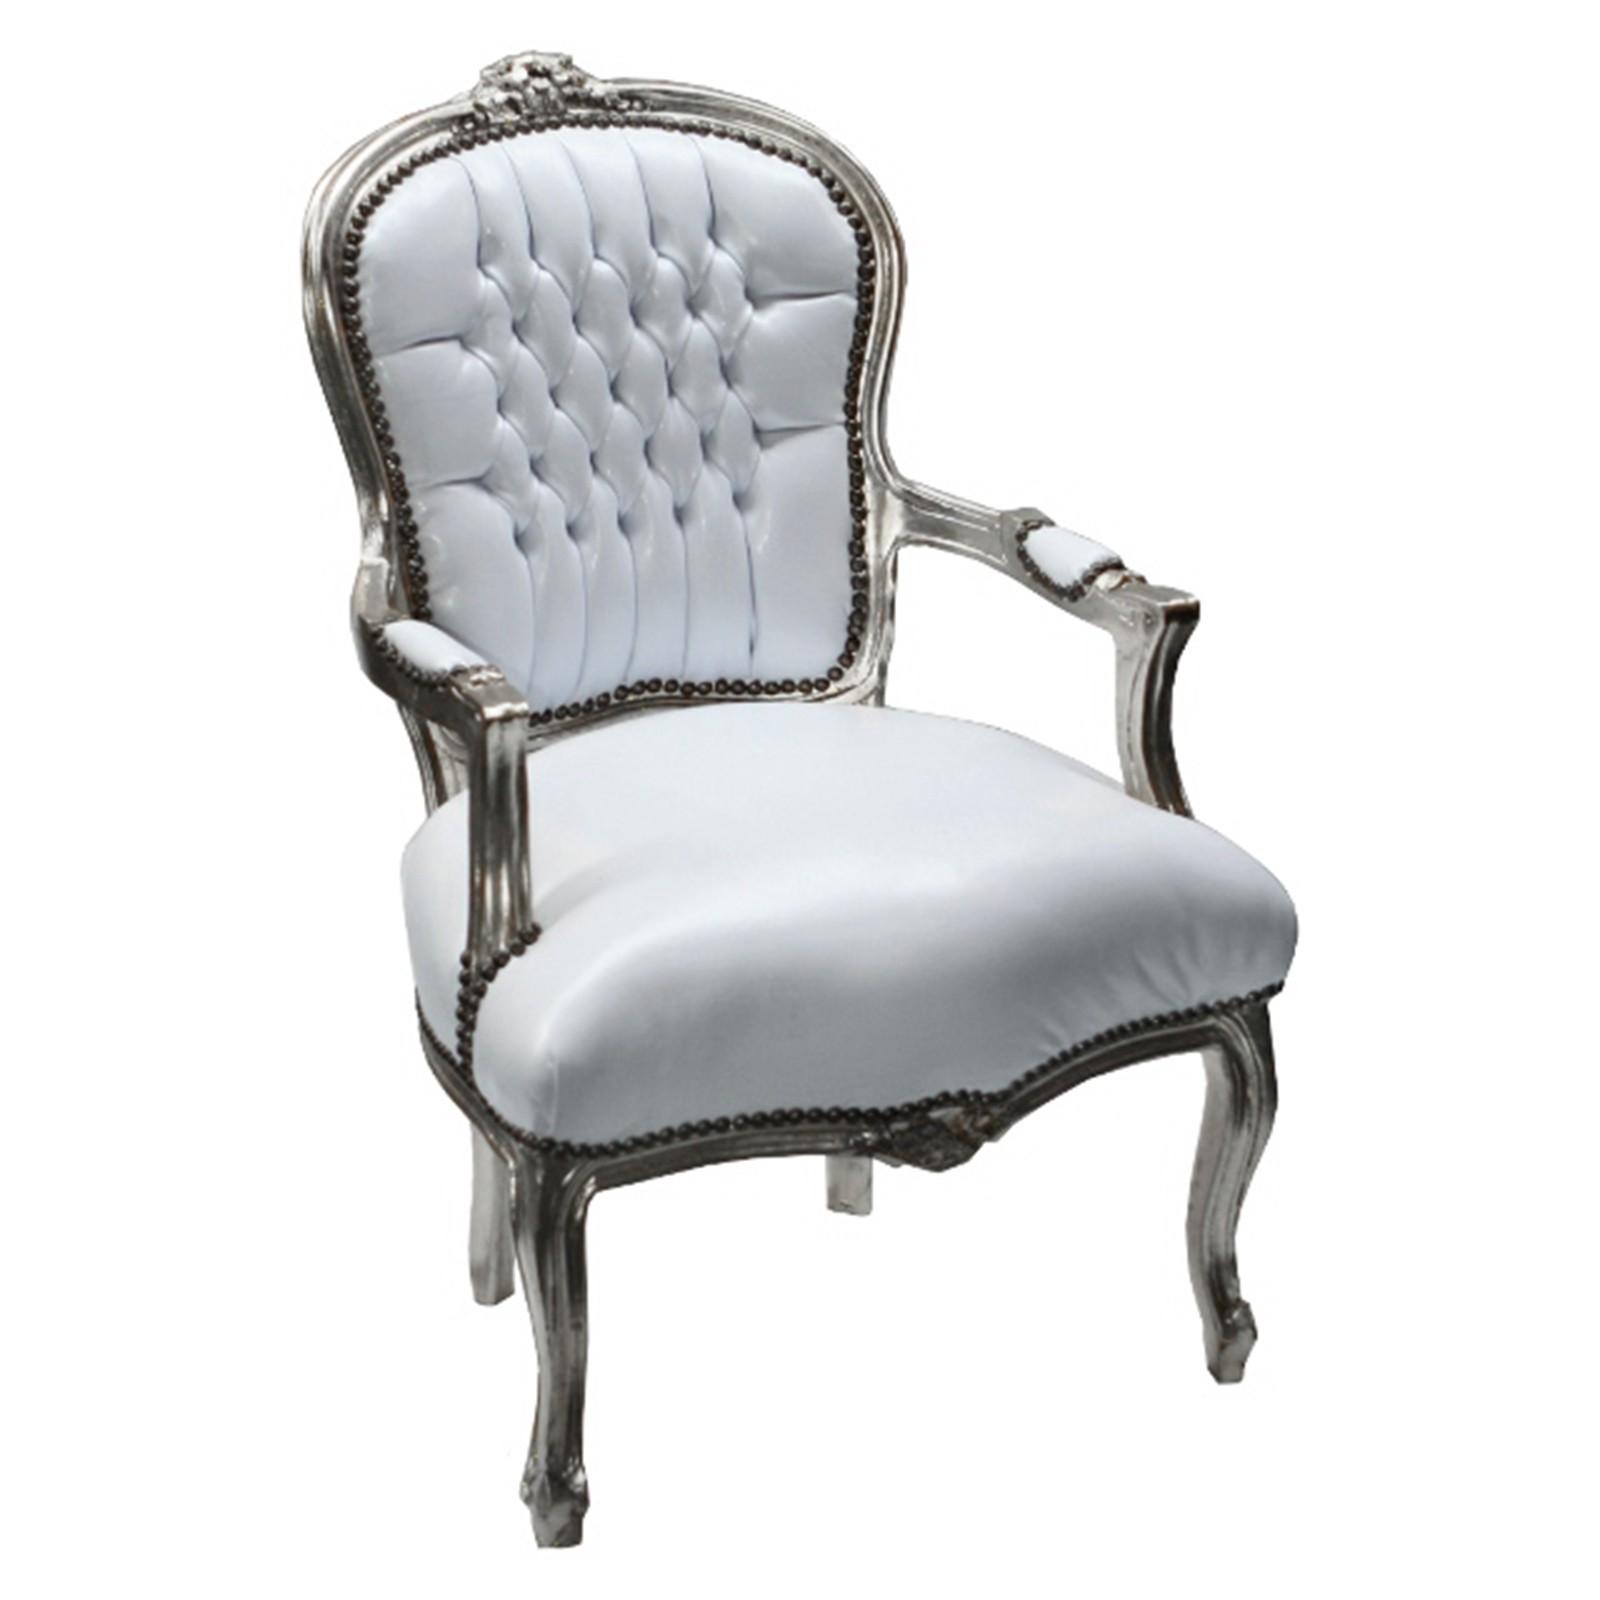 antik moebel massiv holz stuhl silber wei es kunstleder. Black Bedroom Furniture Sets. Home Design Ideas